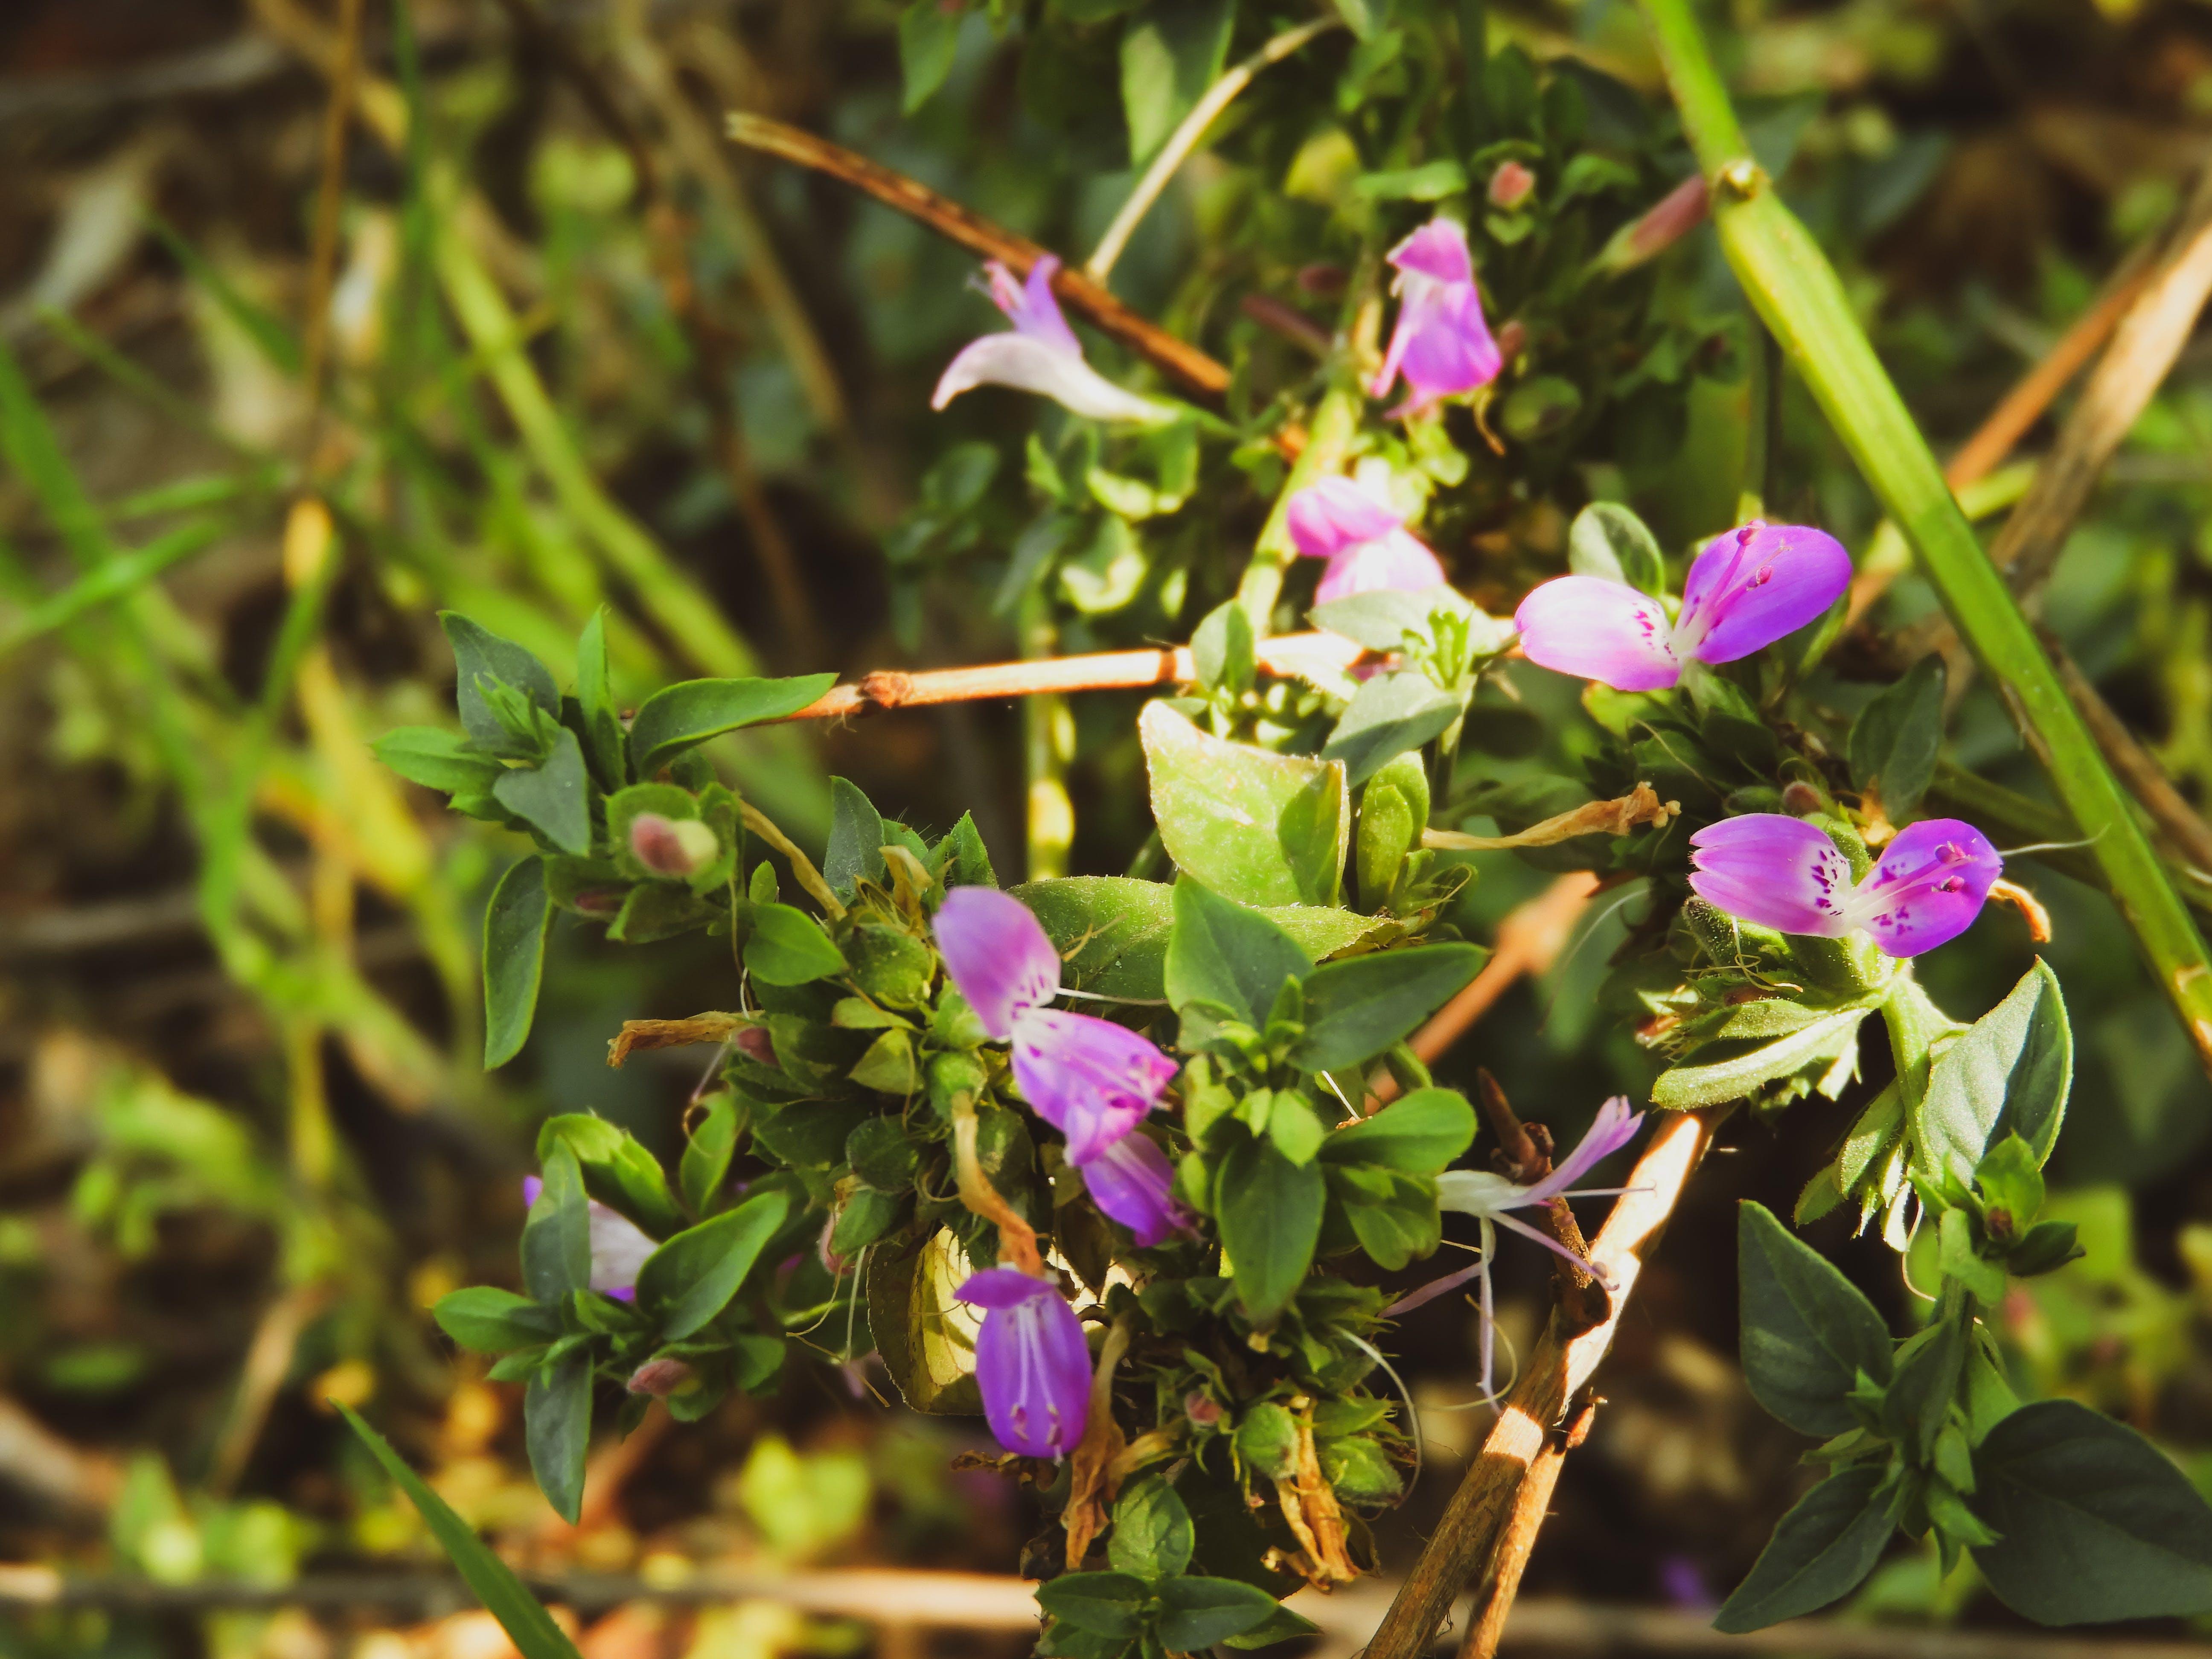 Kostenloses Stock Foto zu natürliche kombination von lila und grün